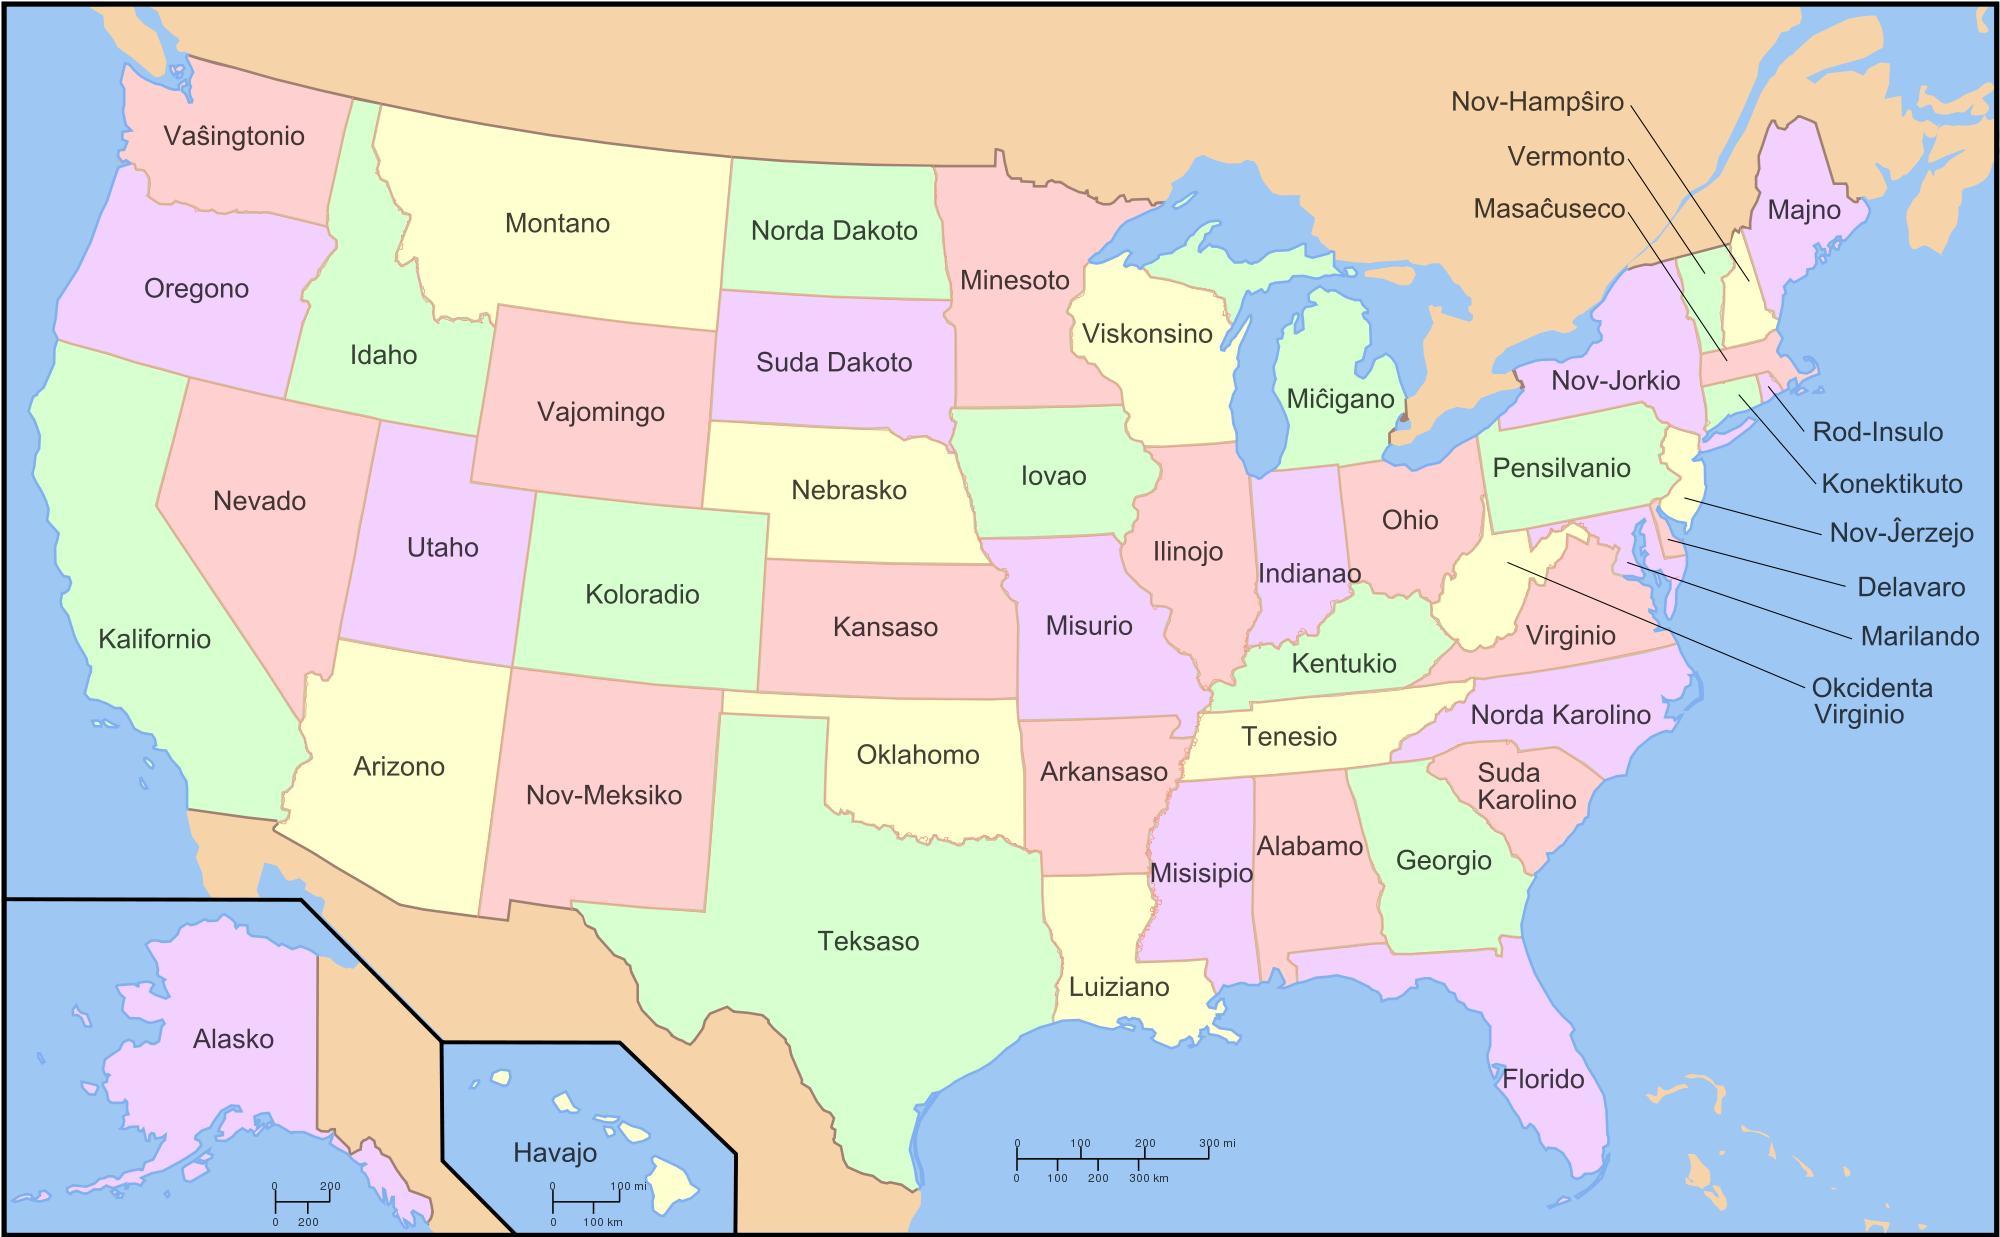 kart over statene Jeg trenger et kart over Usa   jeg trenger å se et kart over Usa  kart over statene